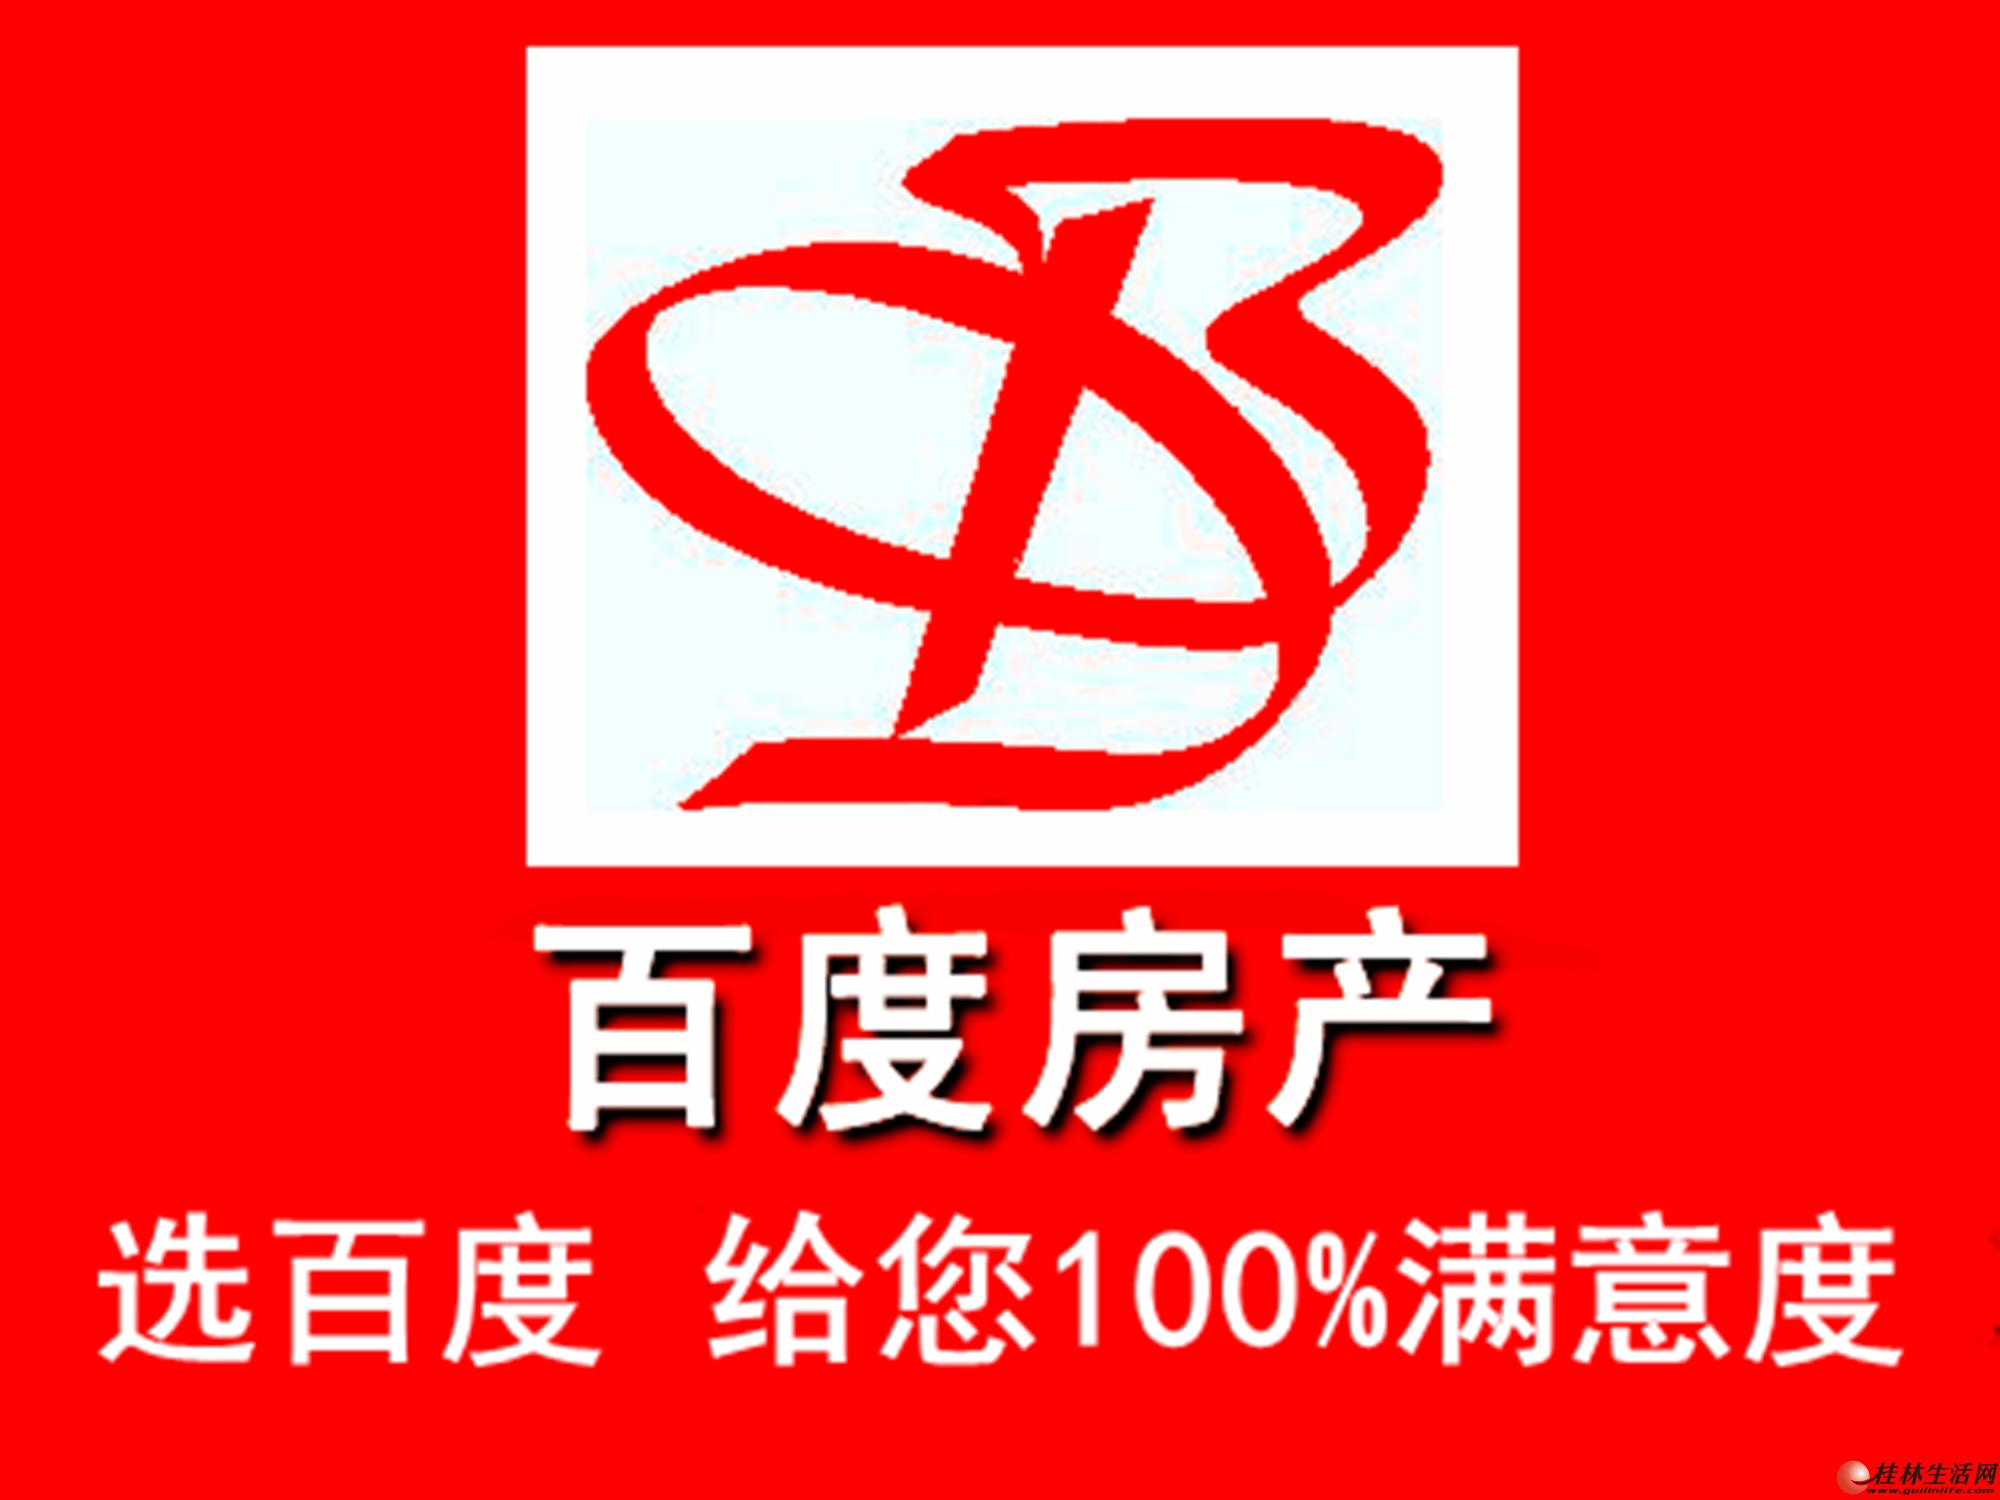 @东晖国际精装3房2厅2卫家电家具全送 拎包入住125万